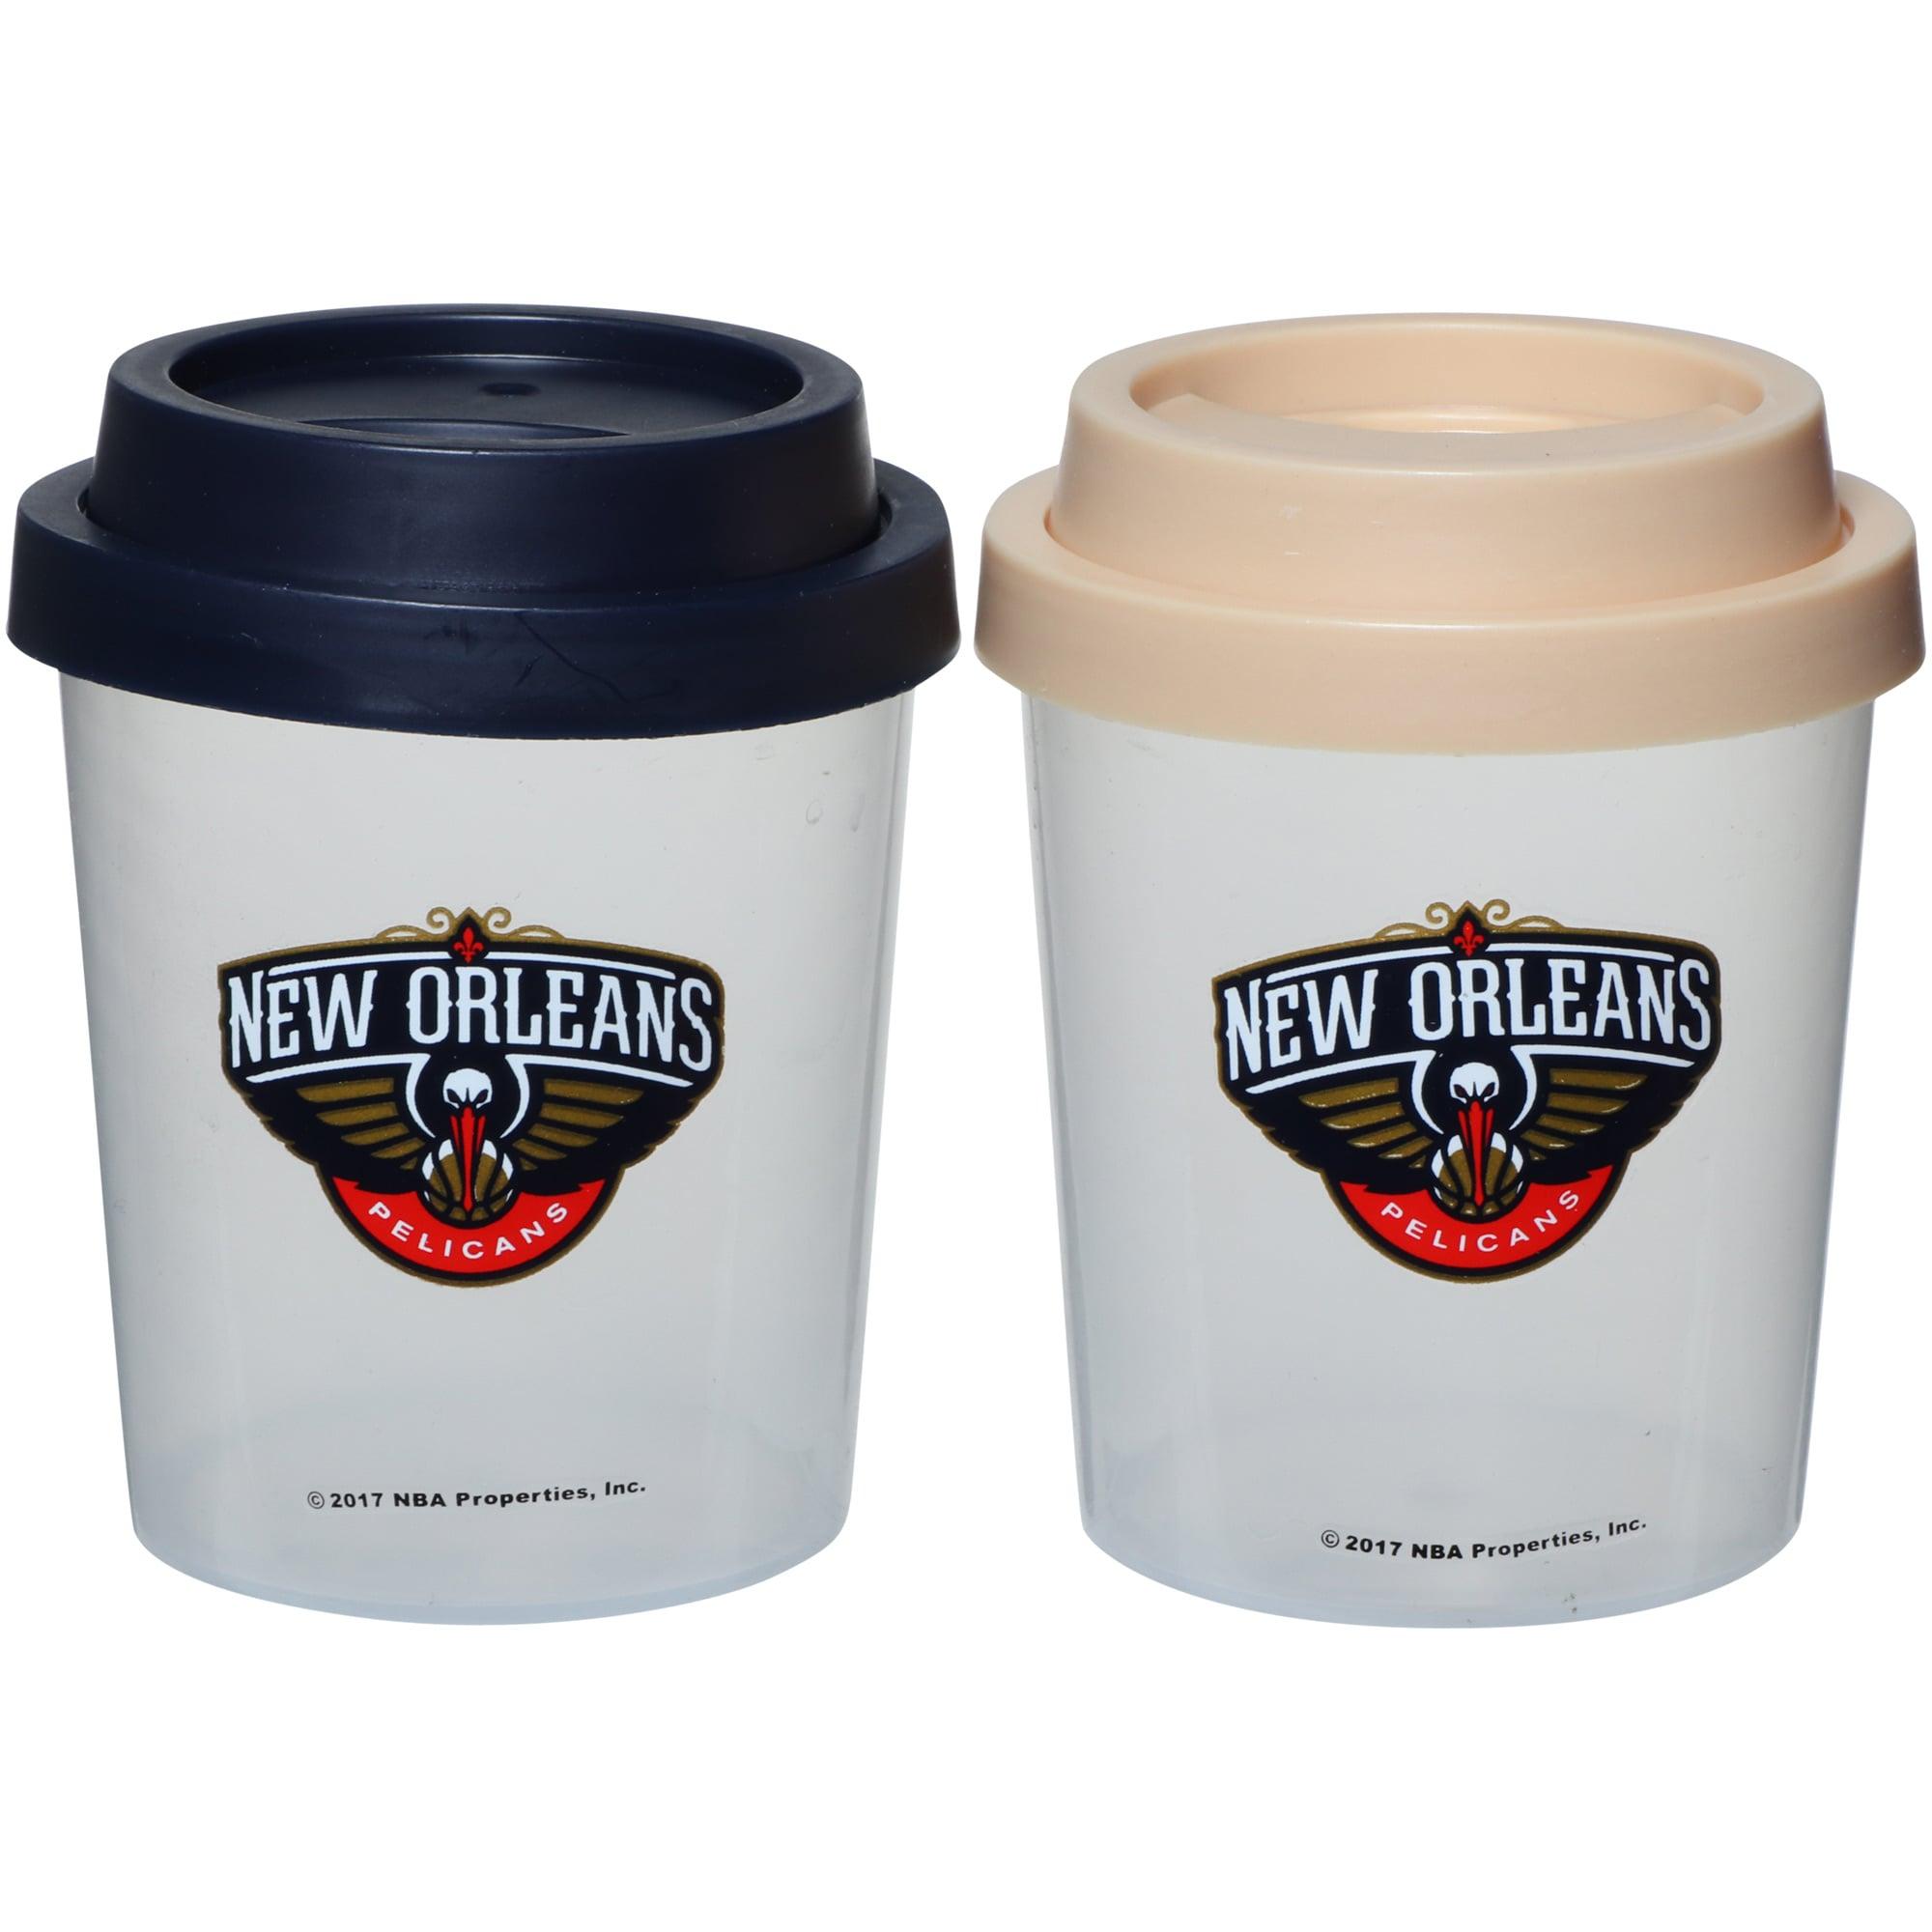 New Orleans Pelicans Plastic Salt & Pepper Shaker